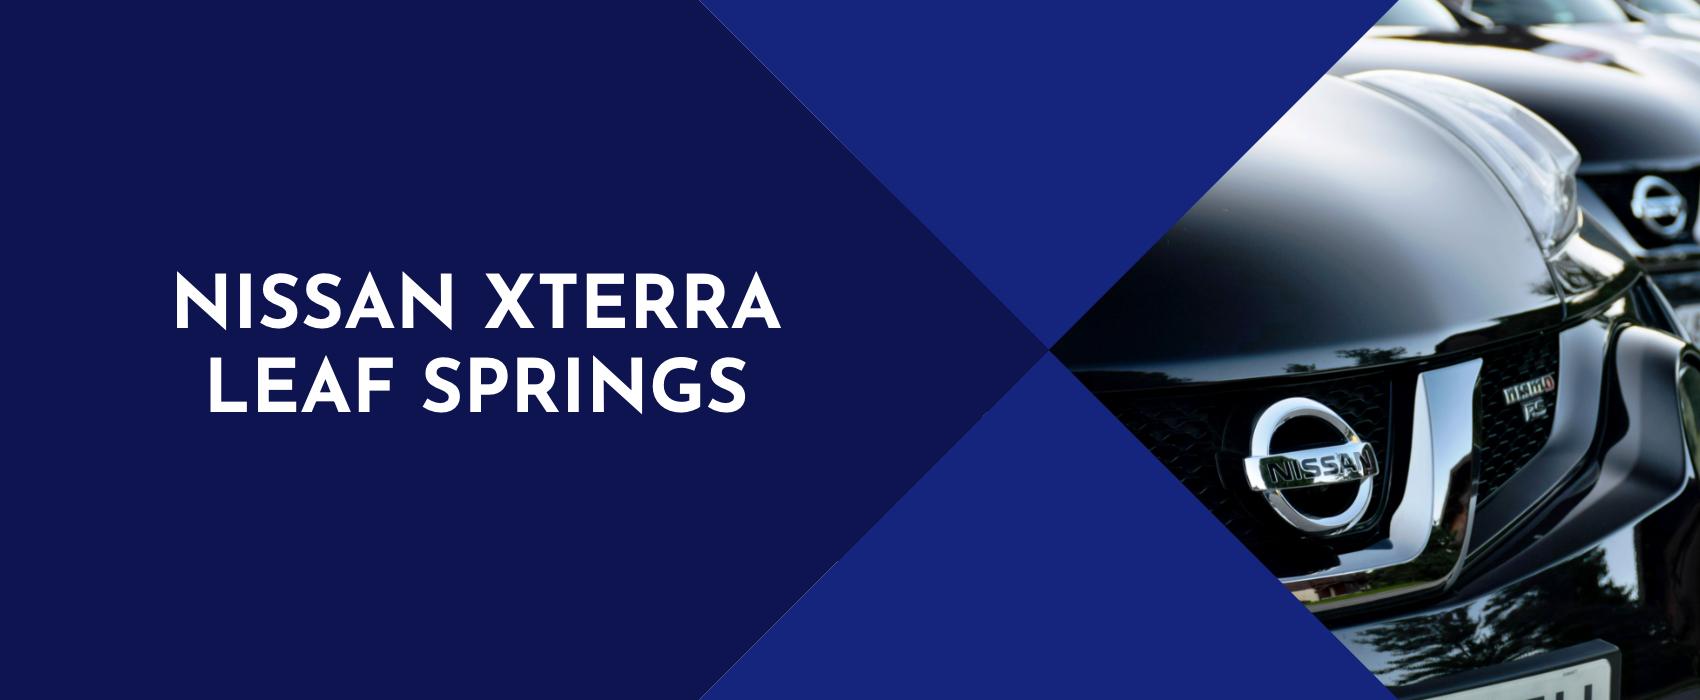 01-nissan-xterra-leaf-springs.jpg